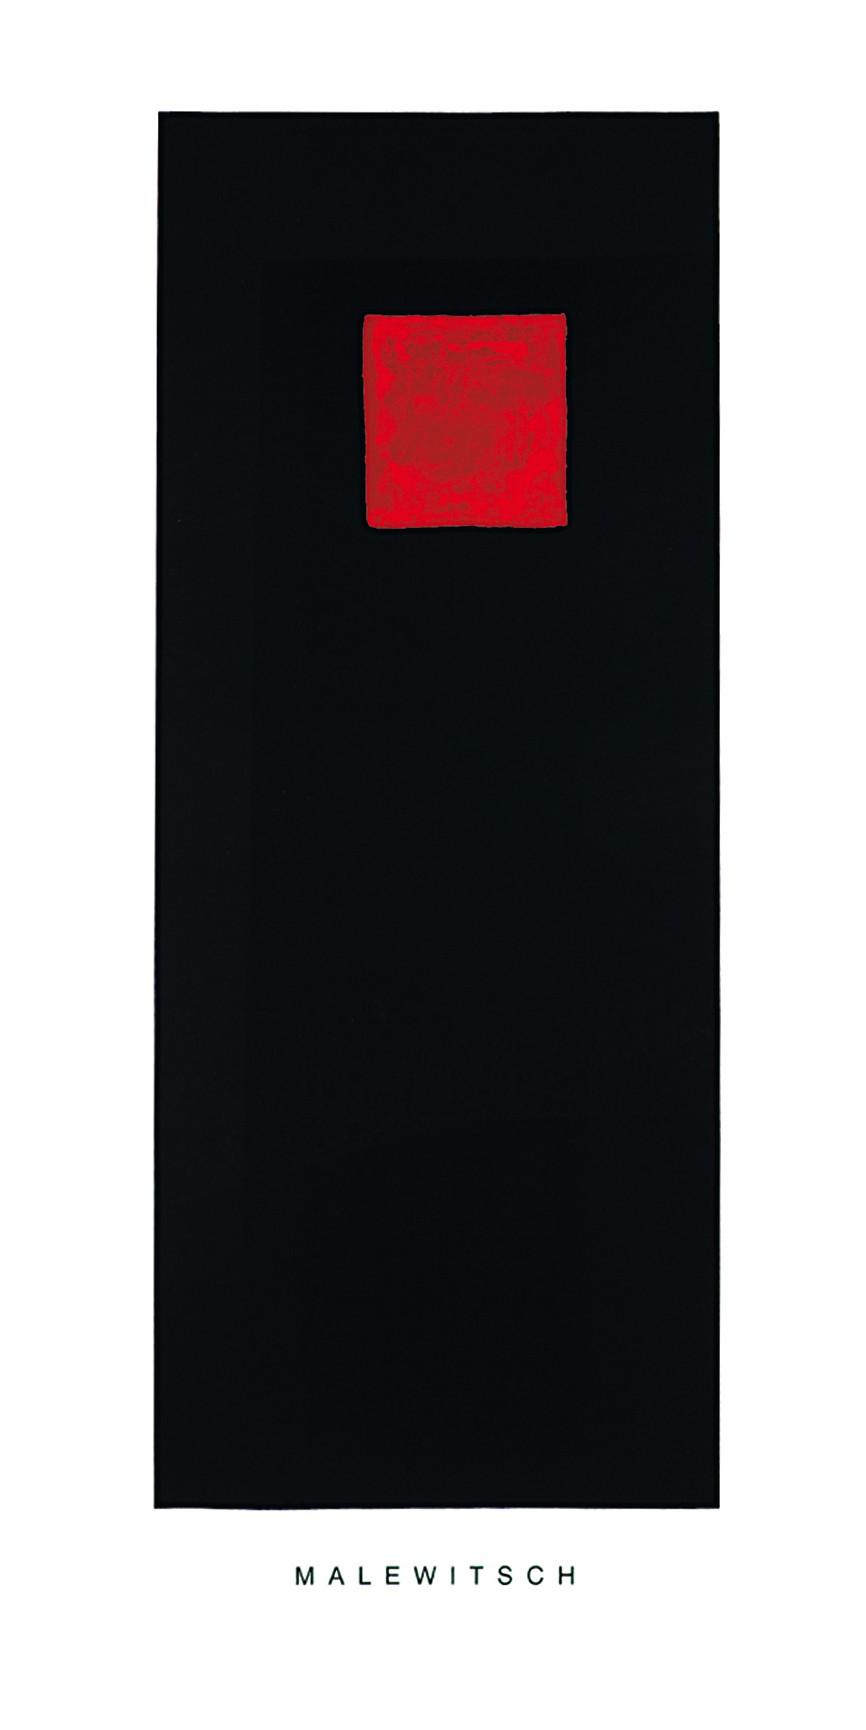 Rotes Quadrat auf Schwarz, ca. 1922